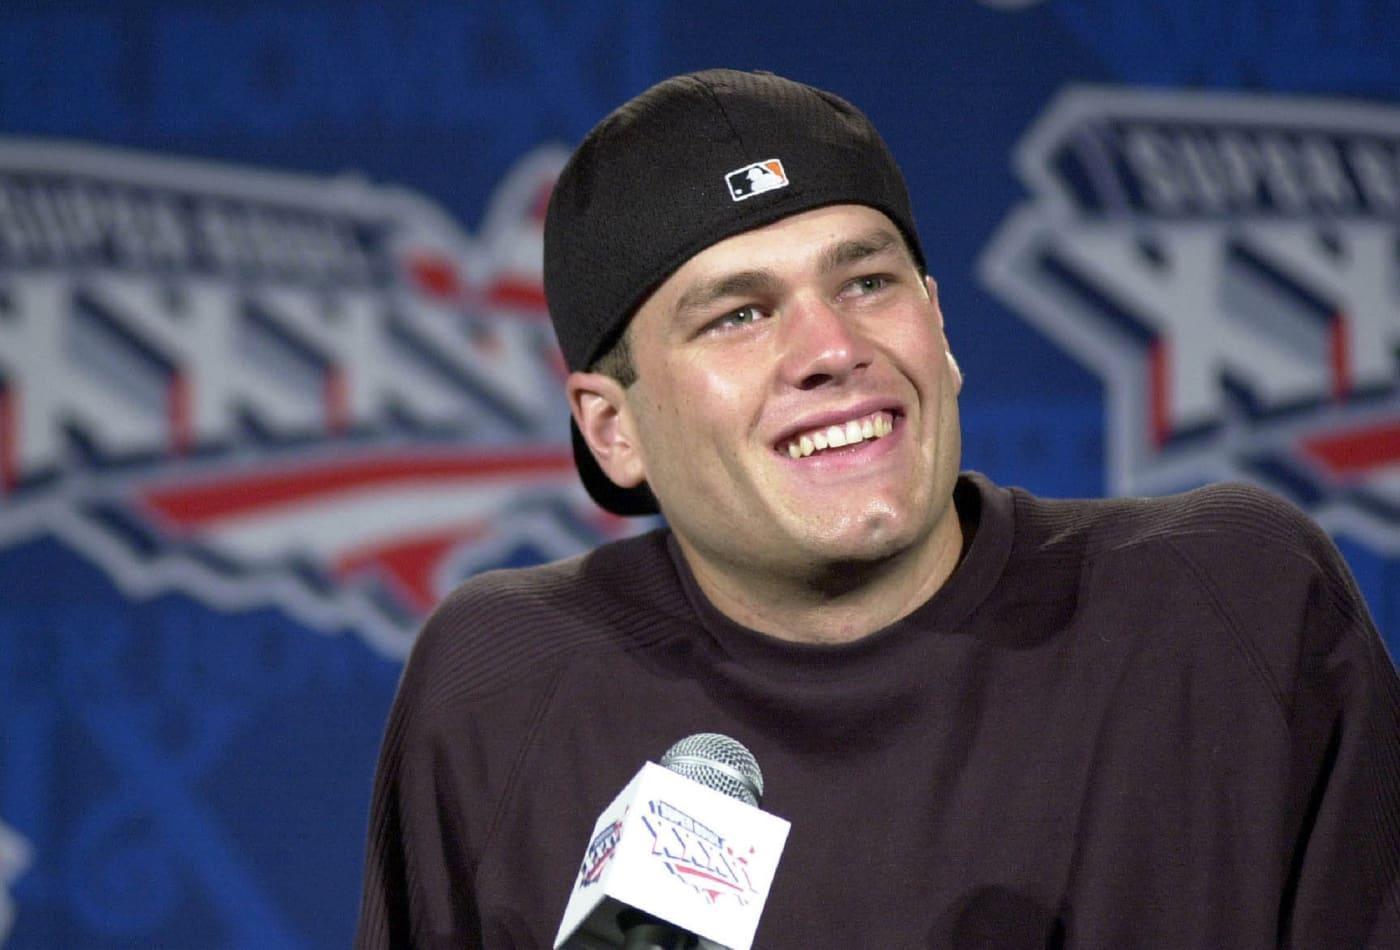 Tom foi apenas a 199ª escolha do Draft, e foi acima de todas expectativas